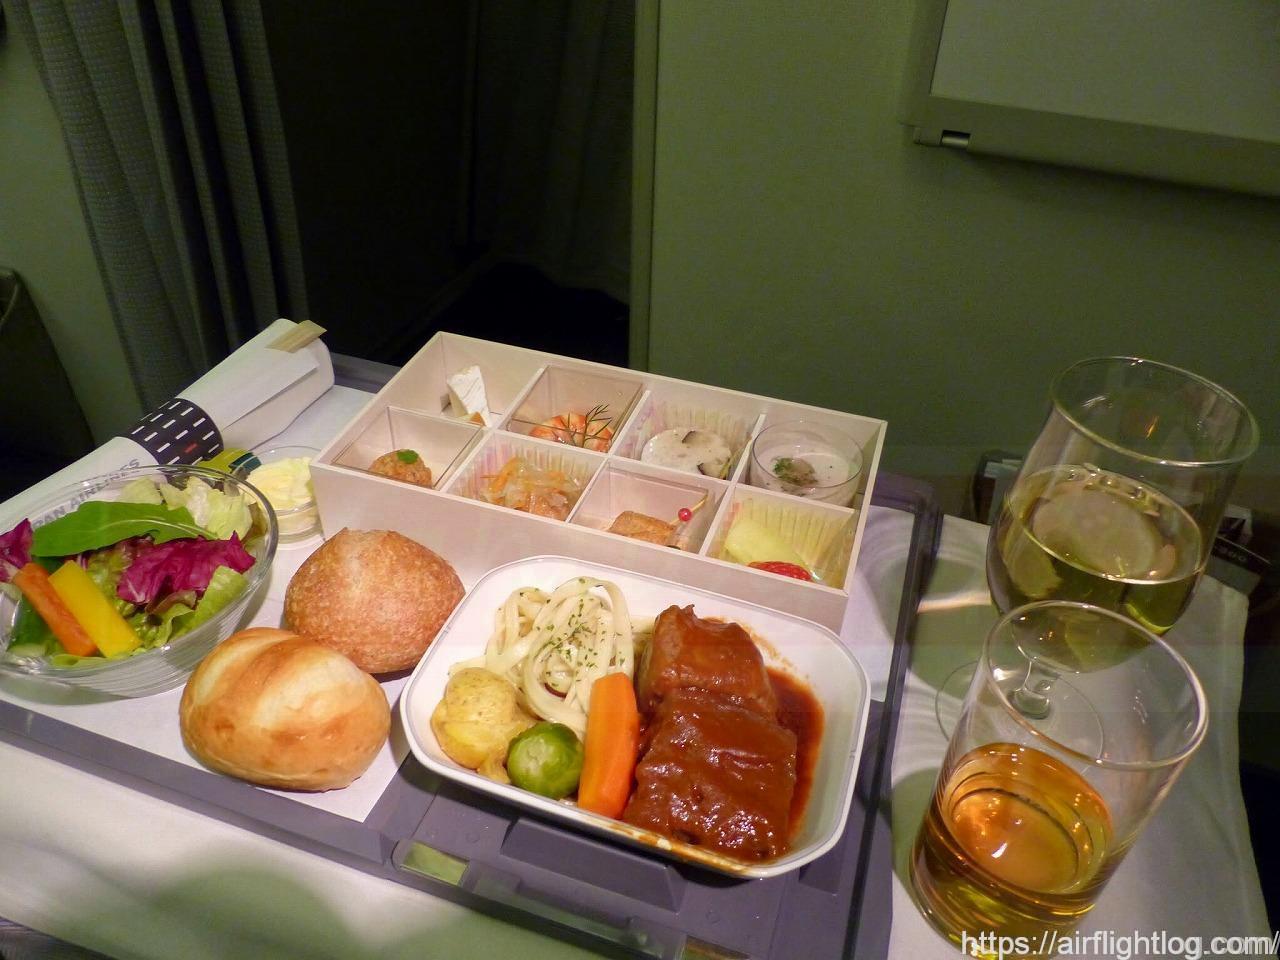 香港線ビジネスクラス機内食